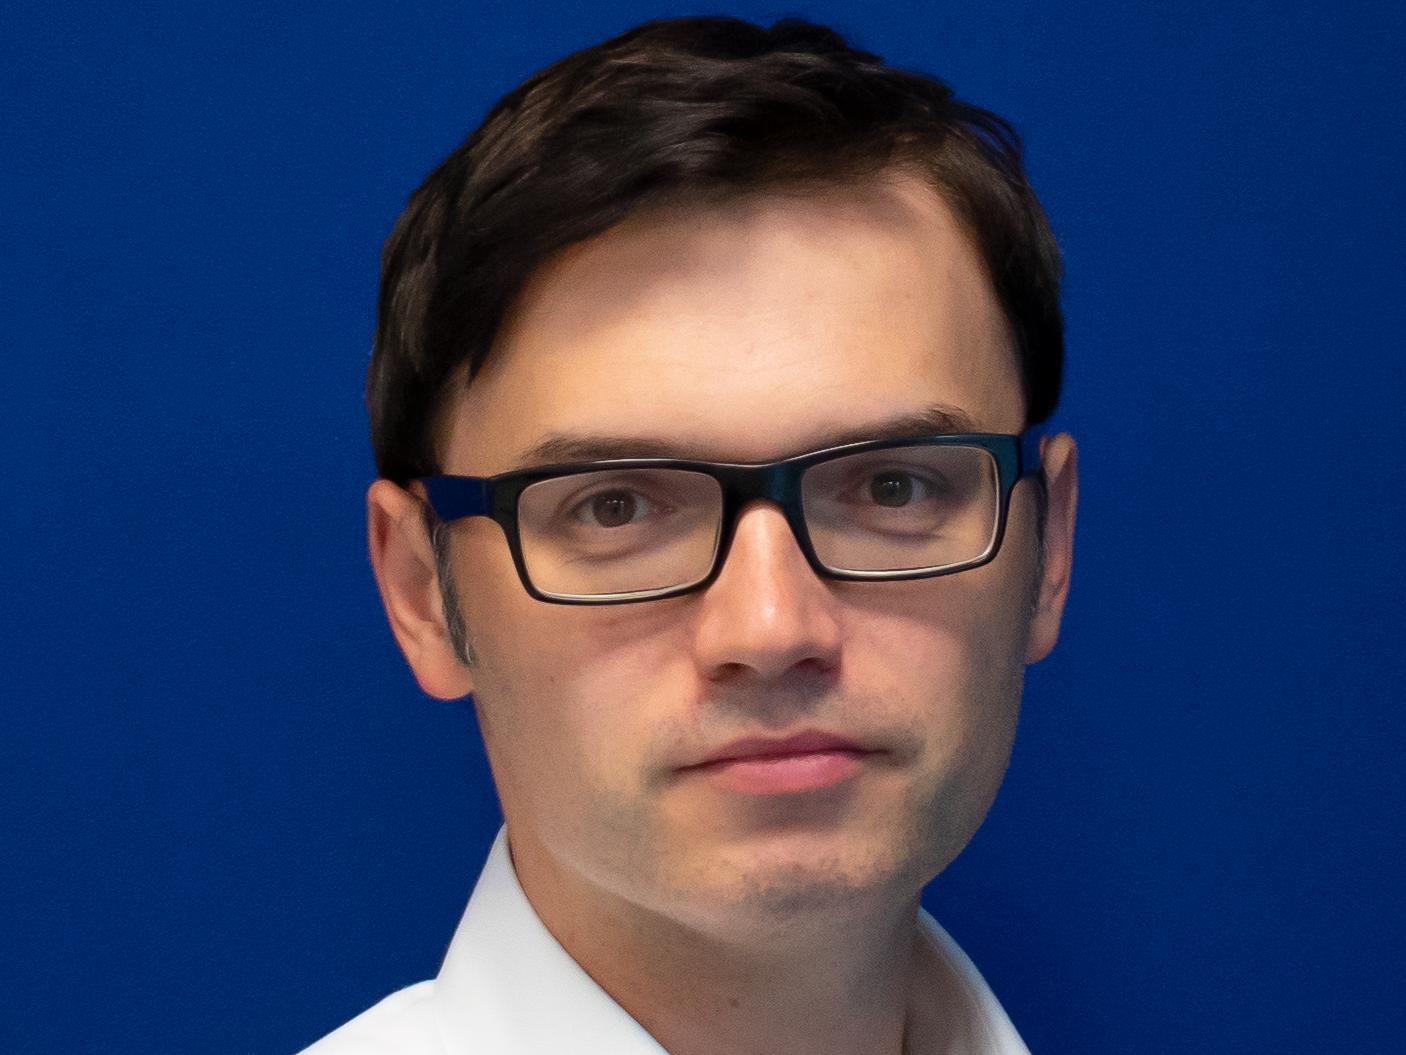 FORUM ZWYCIEZCÓW – Łukasz Tonecki, Dyrektor ds. Sprzedaży i Marketingu Arkance Systems